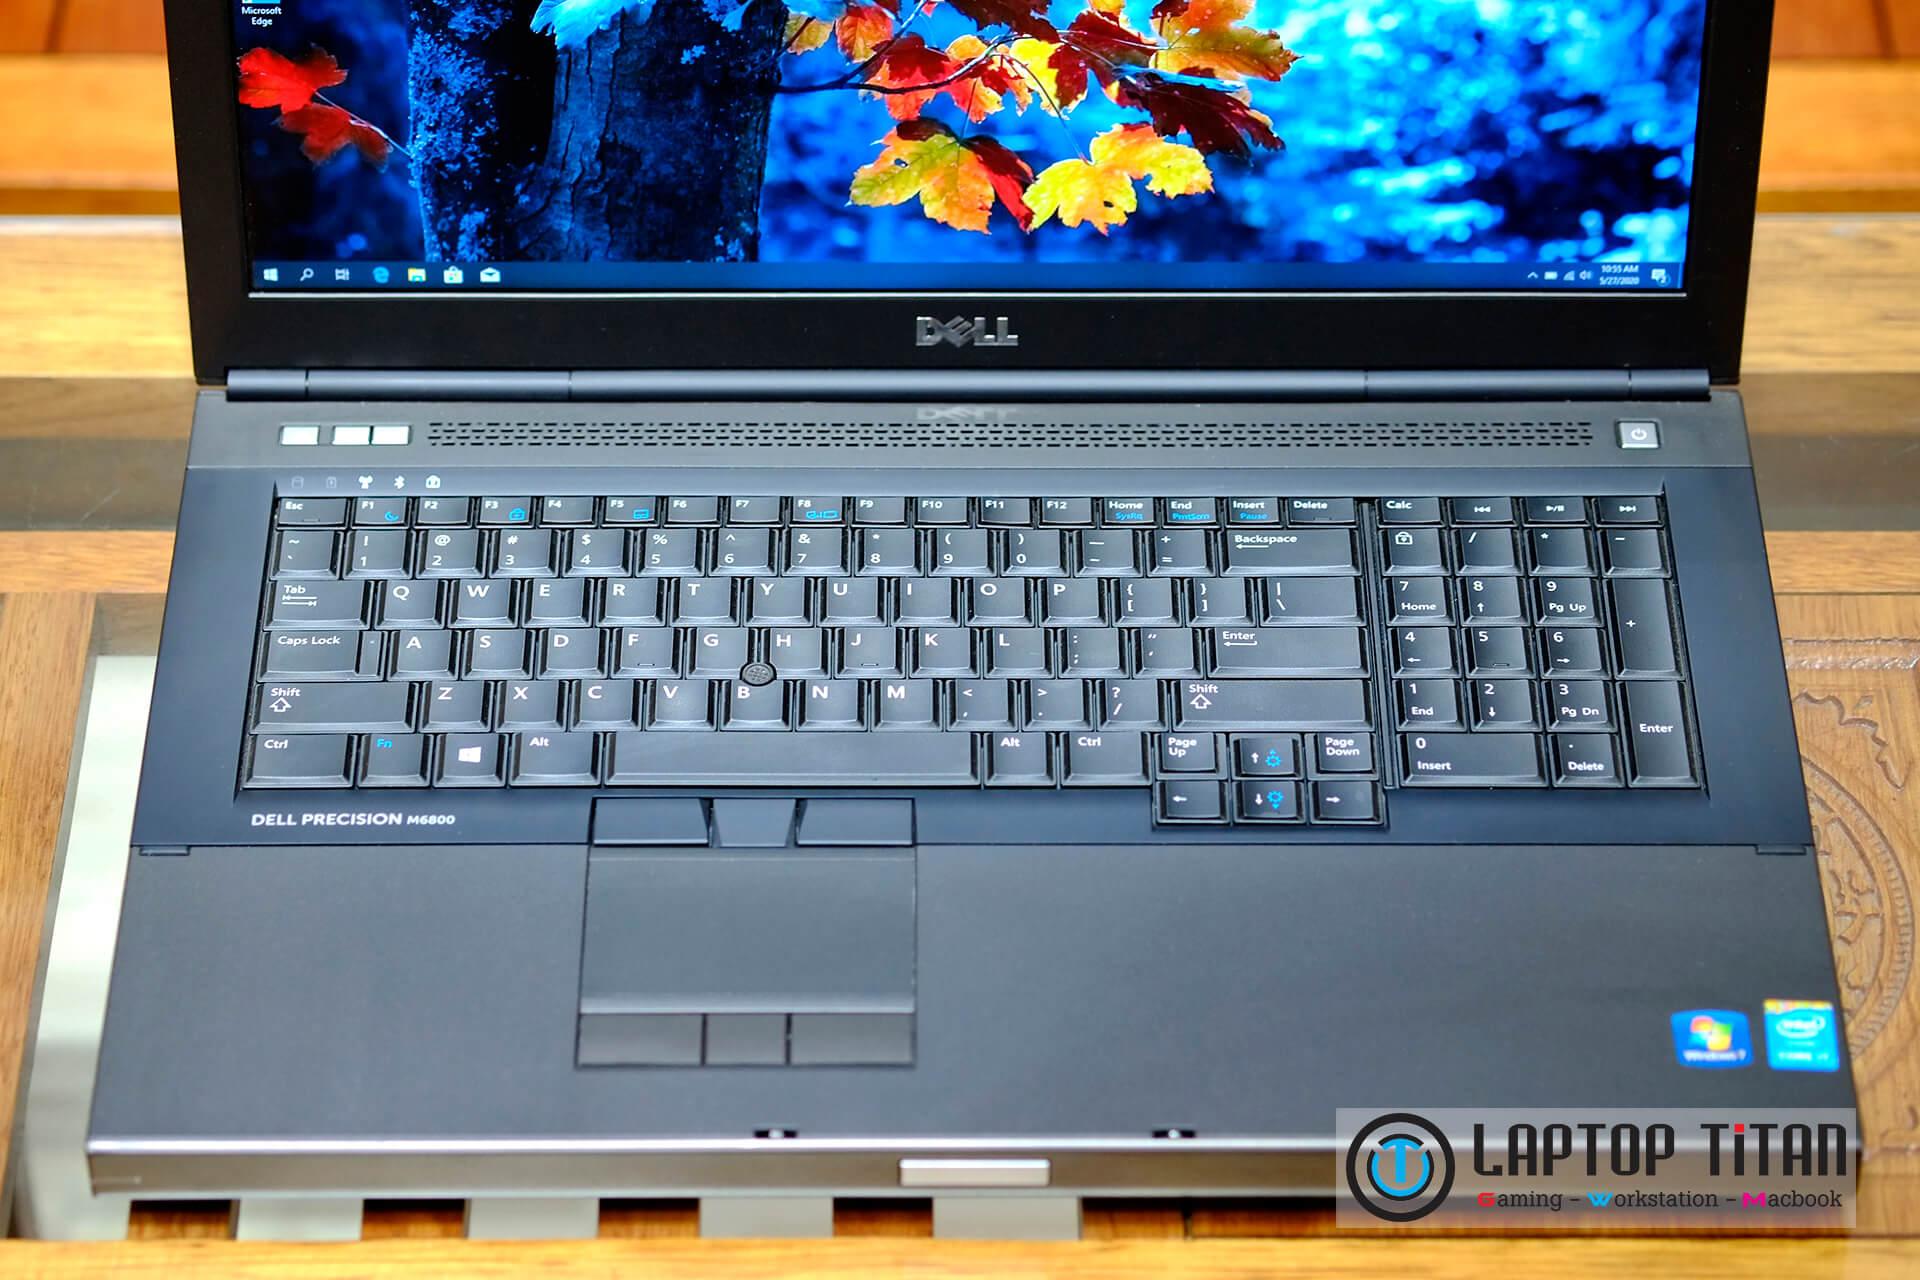 Dell Precision M6800 2